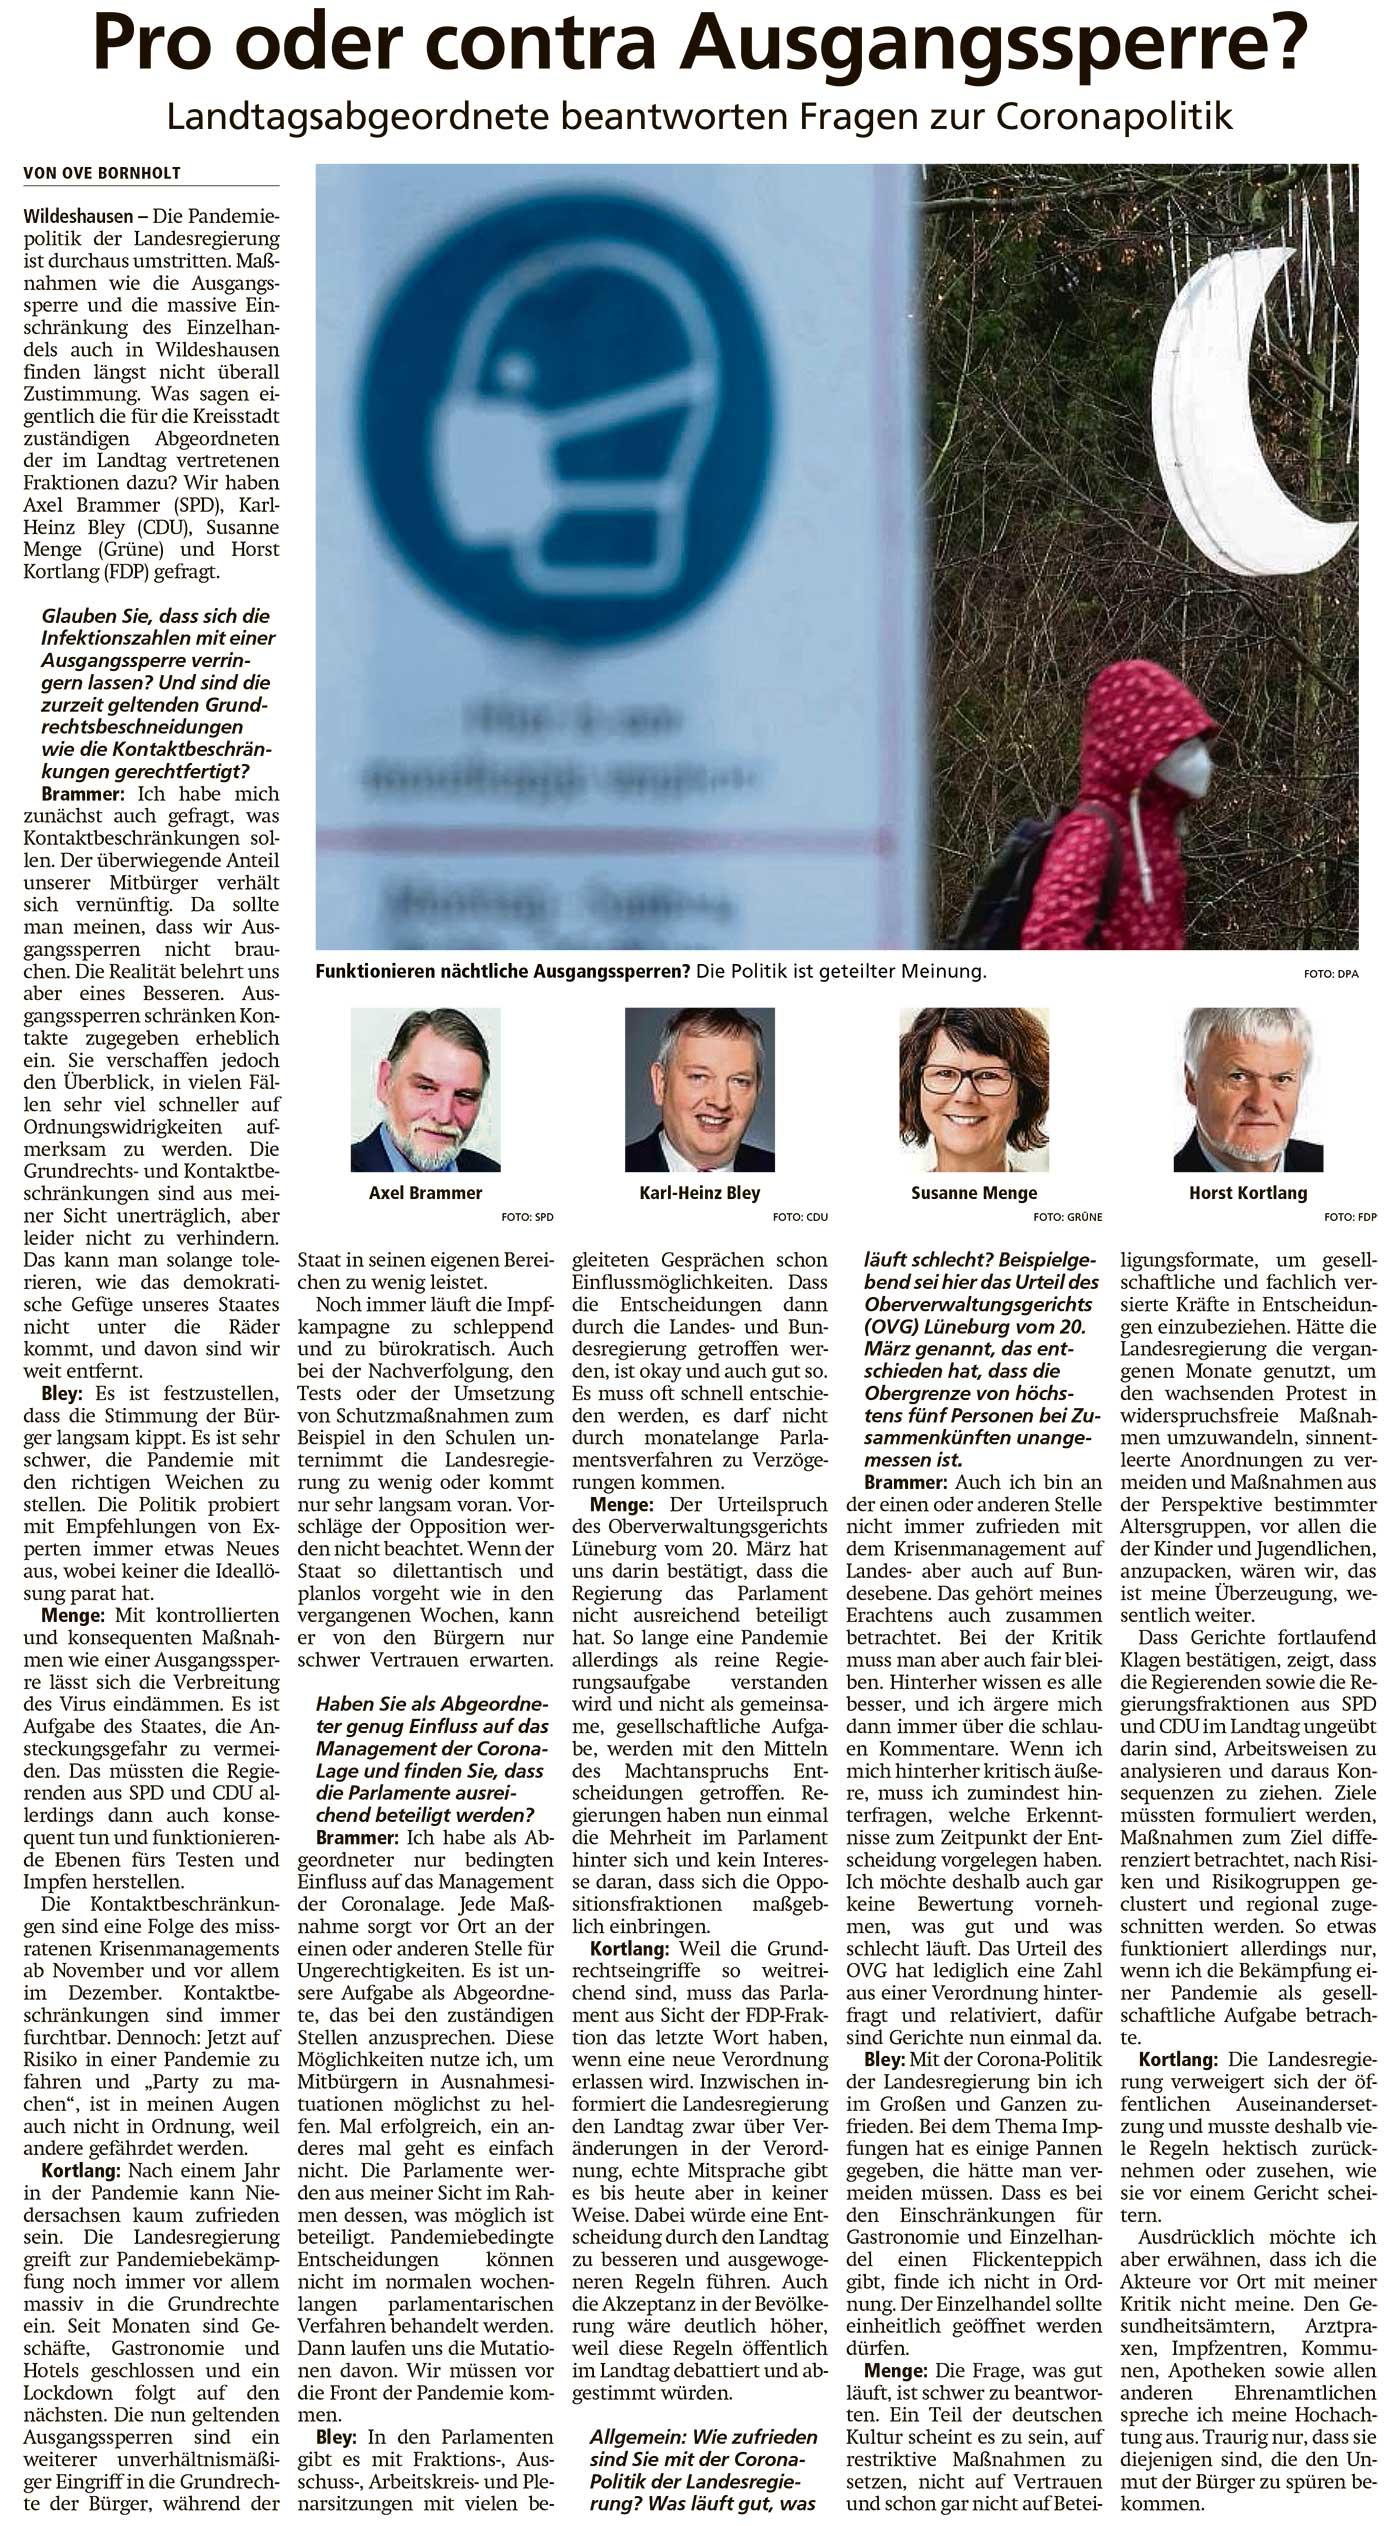 Pro oder contra Ausgangssperre?Landtagsabgeordnete beantworten Fragen zur CoronapolitikArtikel vom 12.04.2021 (WZ)